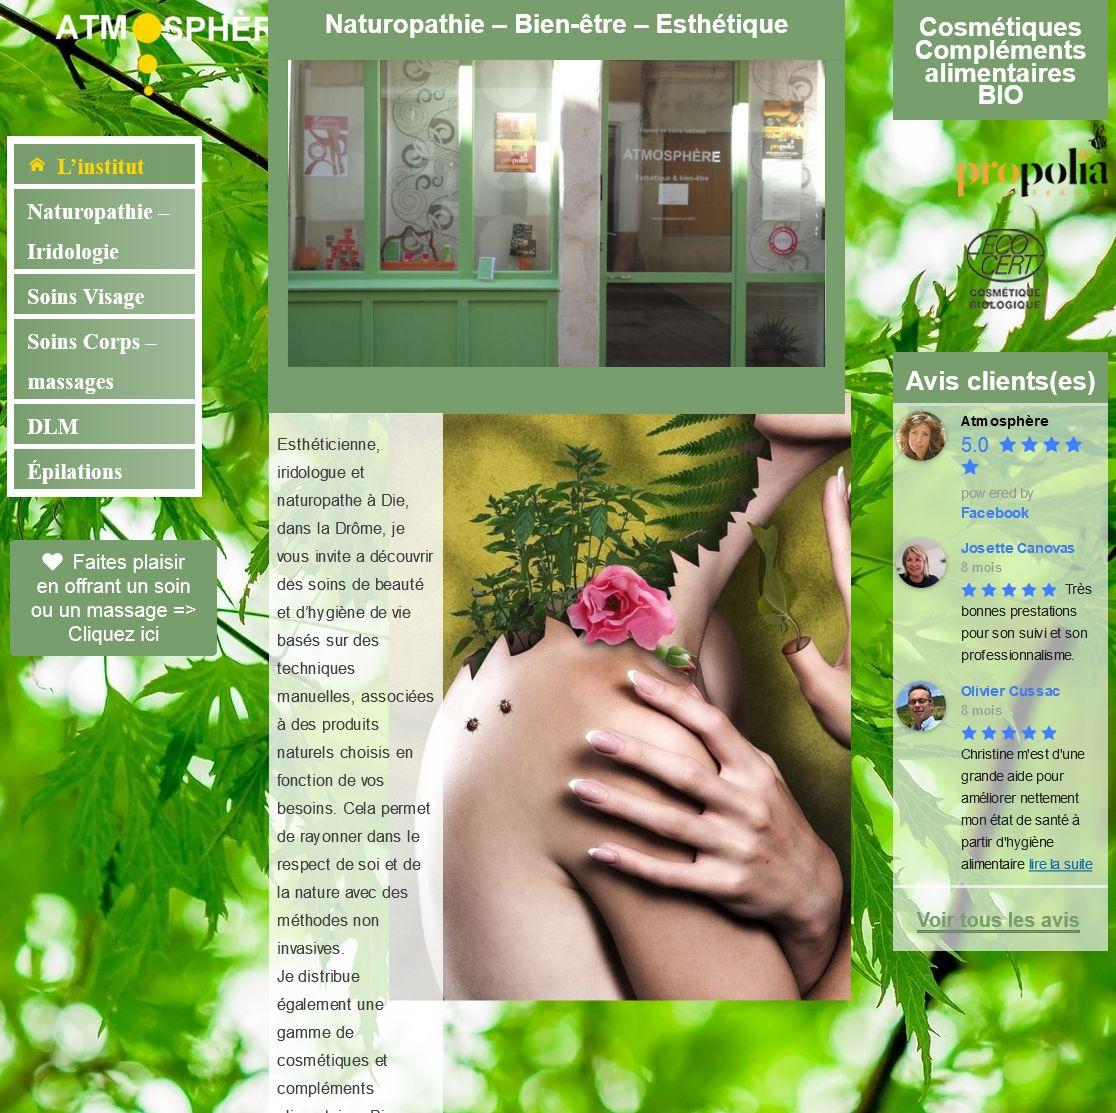 Accueil site web institut sante bien-être Atmosphere